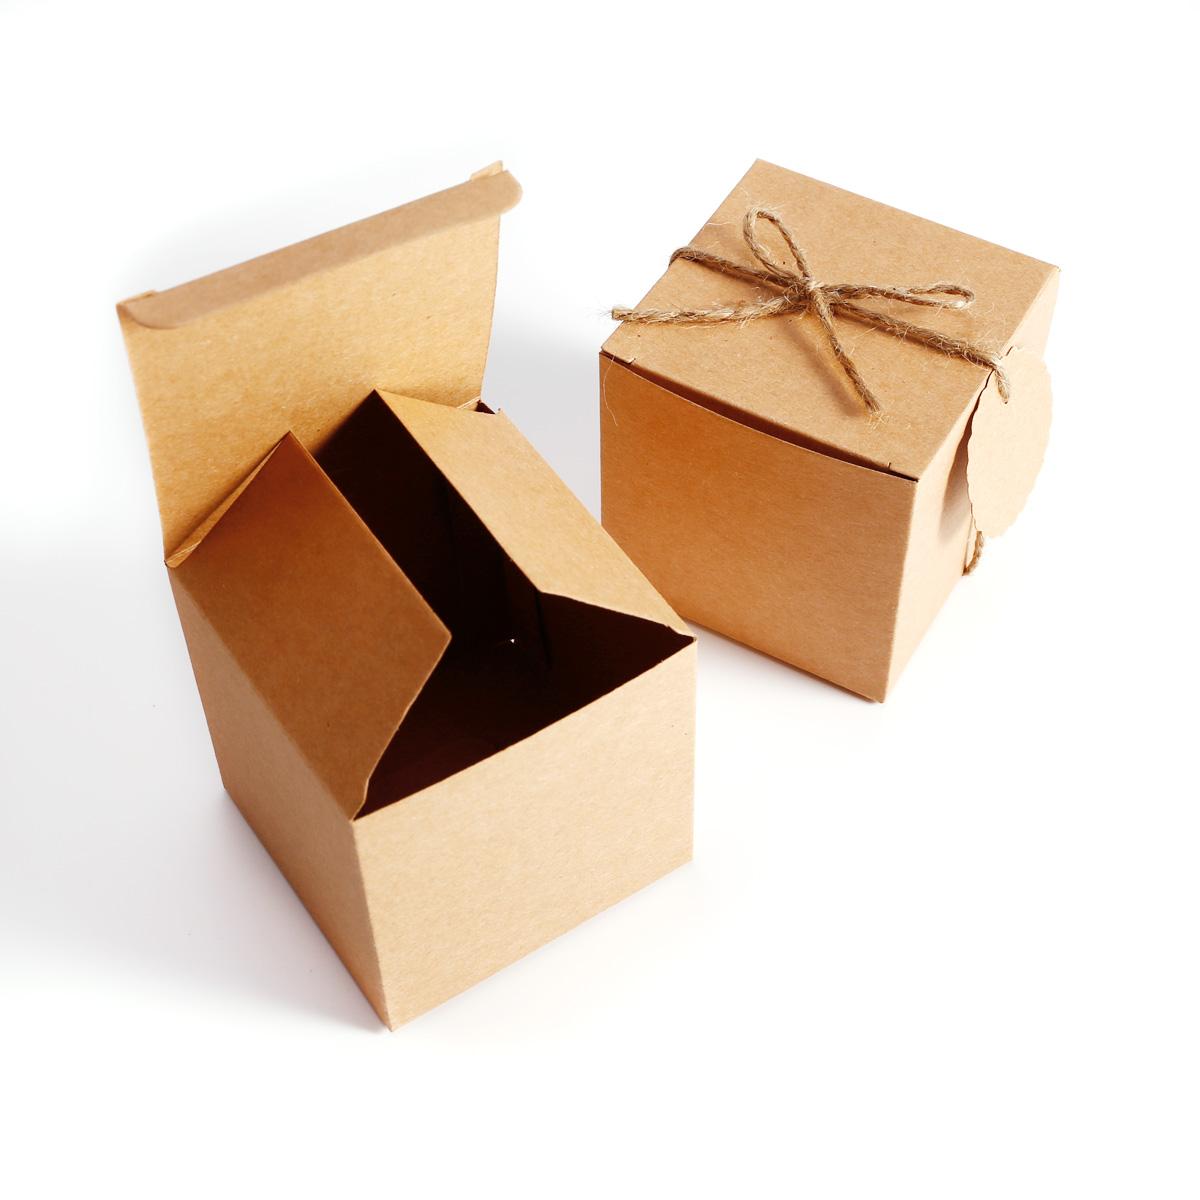 100x bo te drag es kraft 7cm cordon jute tiquette bonbonni re faveur cadeau ebay. Black Bedroom Furniture Sets. Home Design Ideas